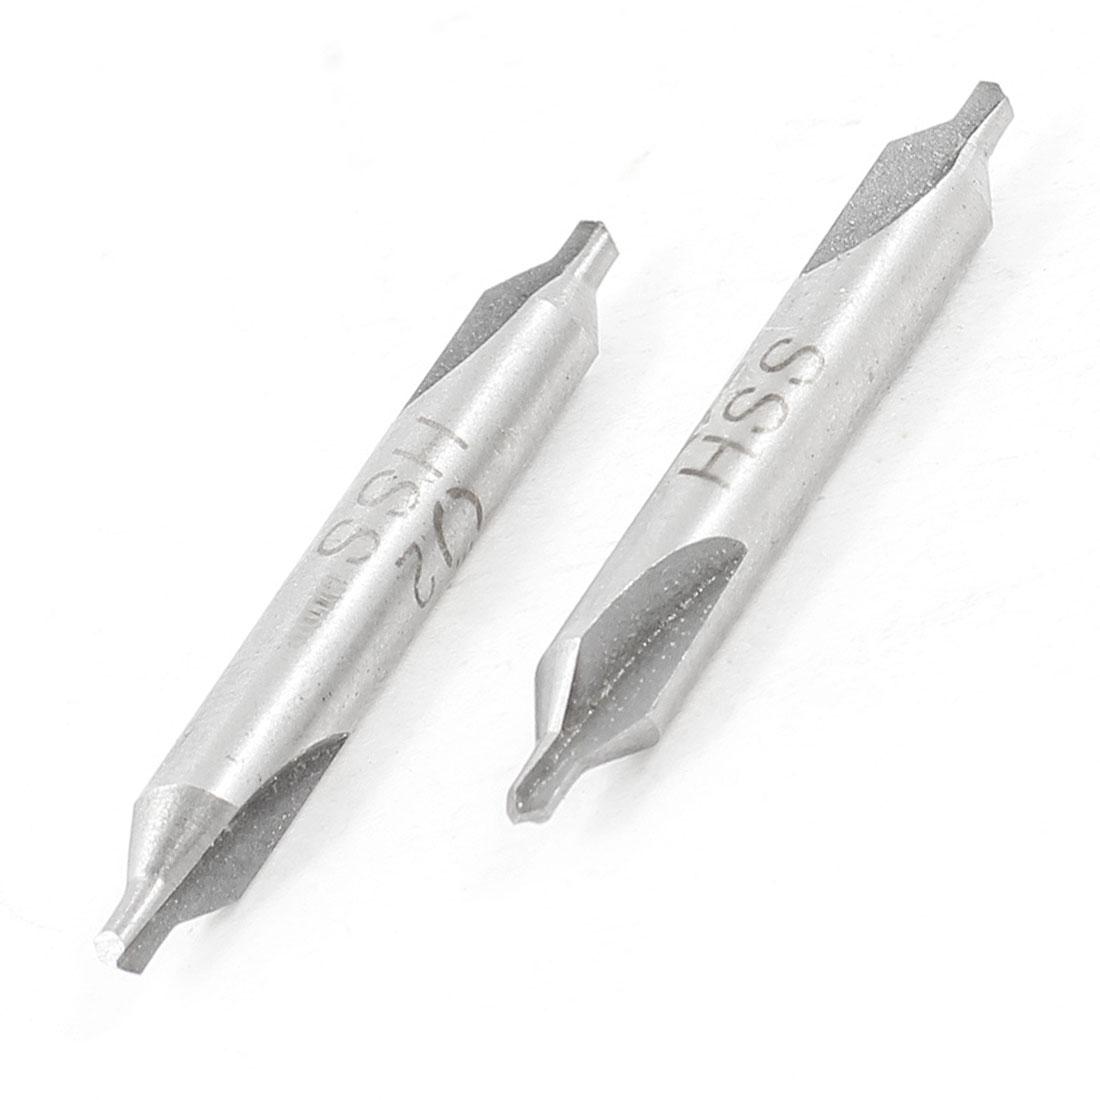 2 PCS HSS 5mm Shank 2mm Diameter Tip Electrical Center Drill Bits